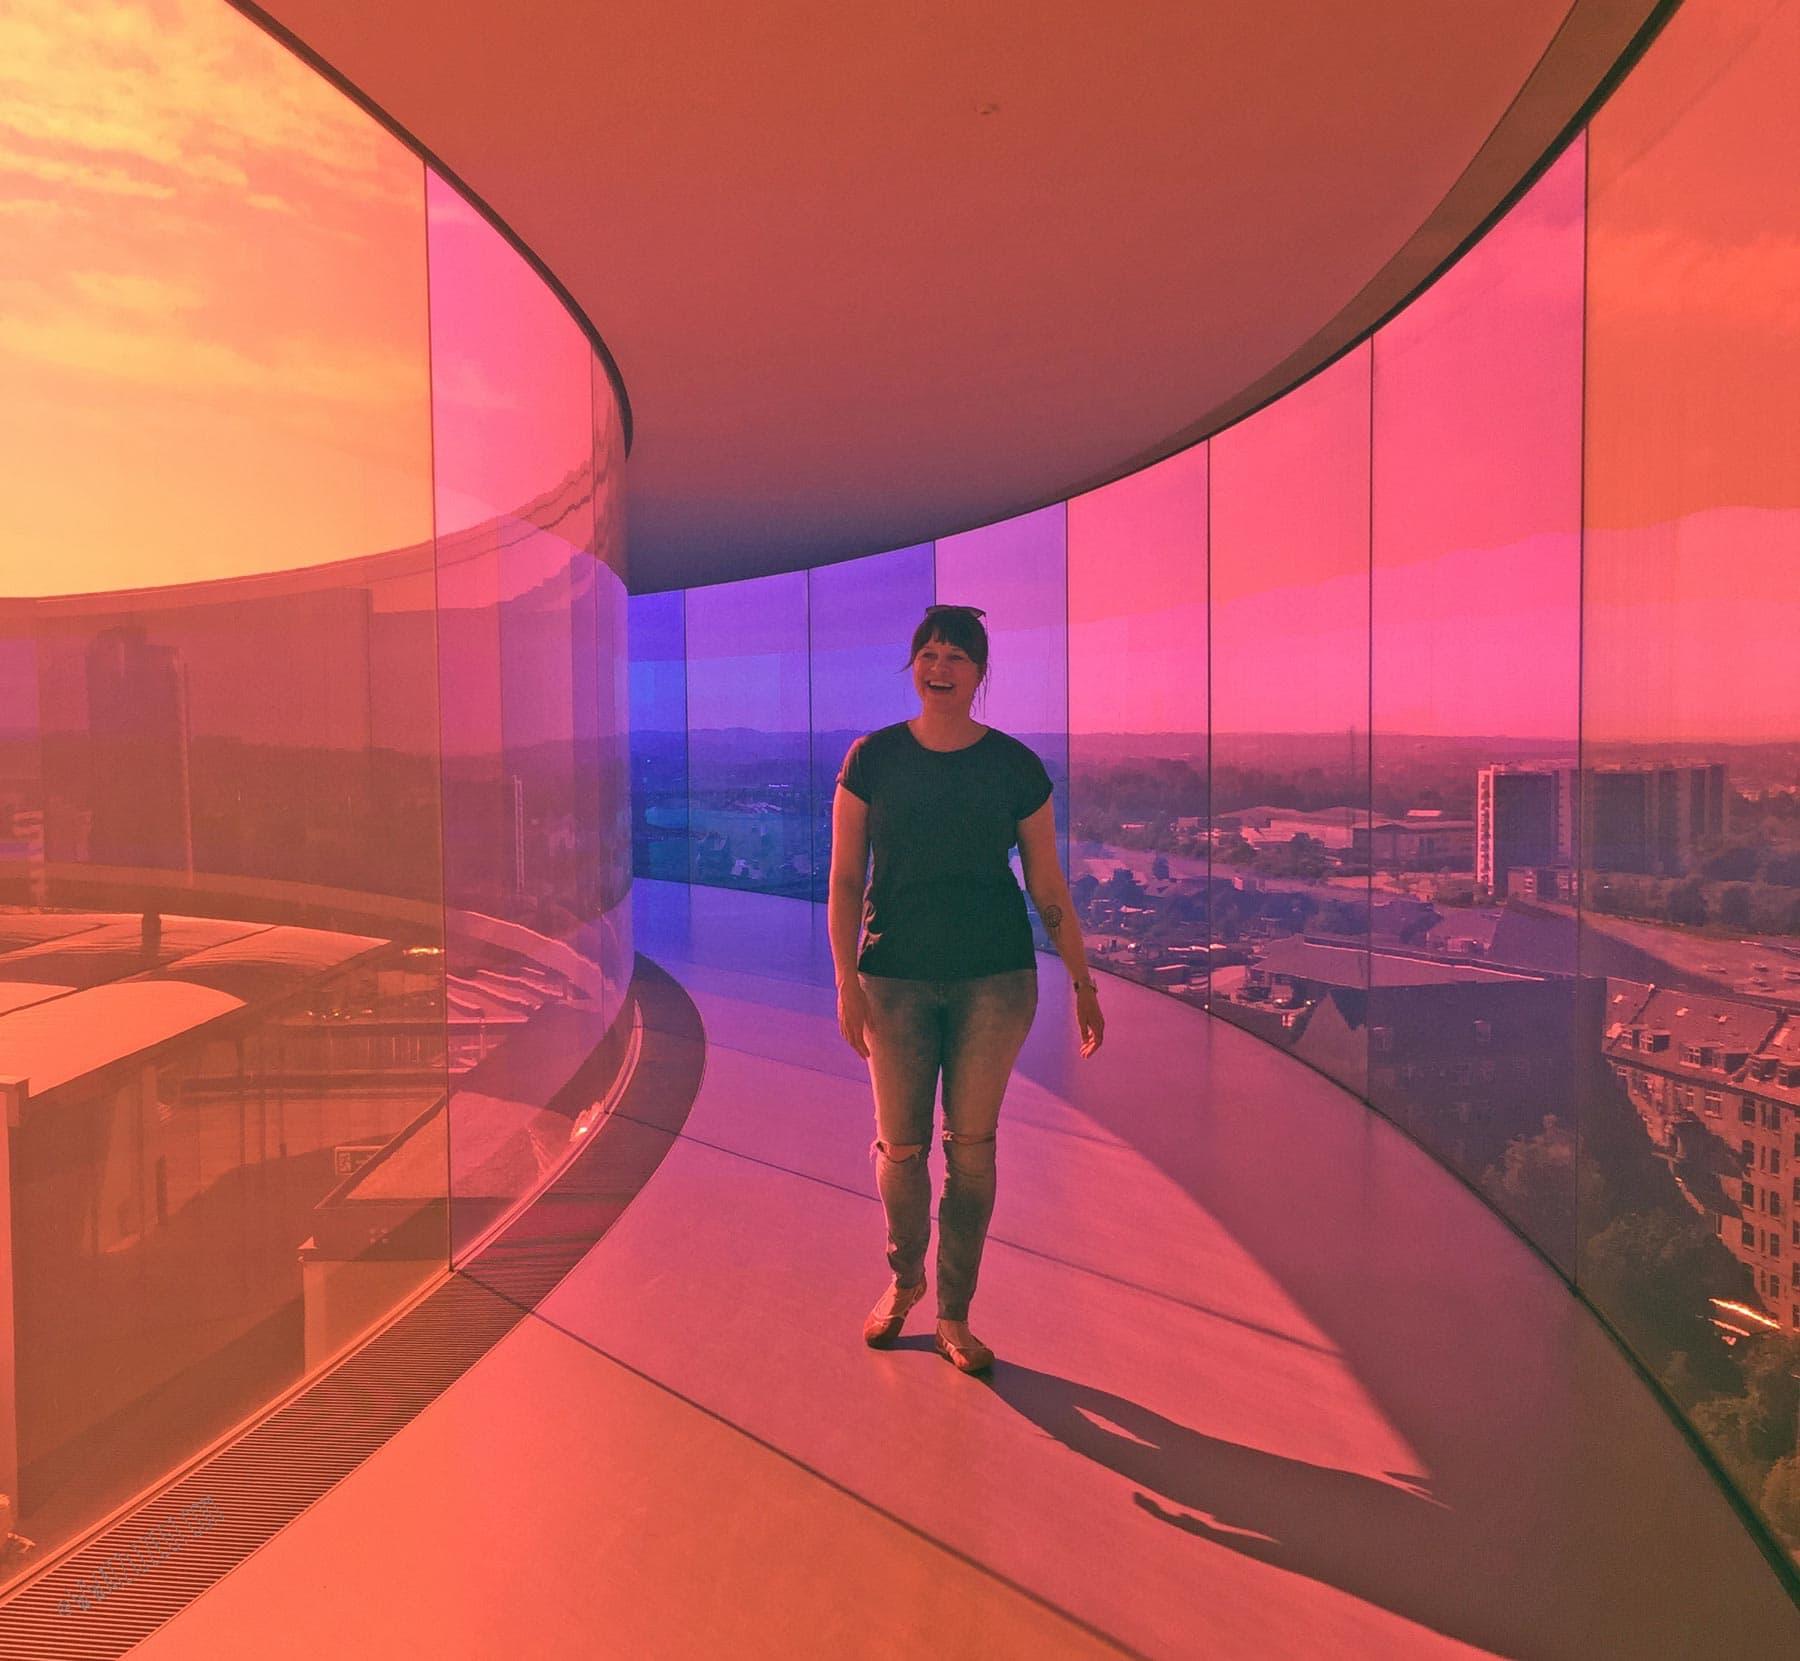 Kleurrijke plaatjes in het beroemde regenboog panorama van Olafur Eliasson op het dak van het ARoS Aarhus Art Museum